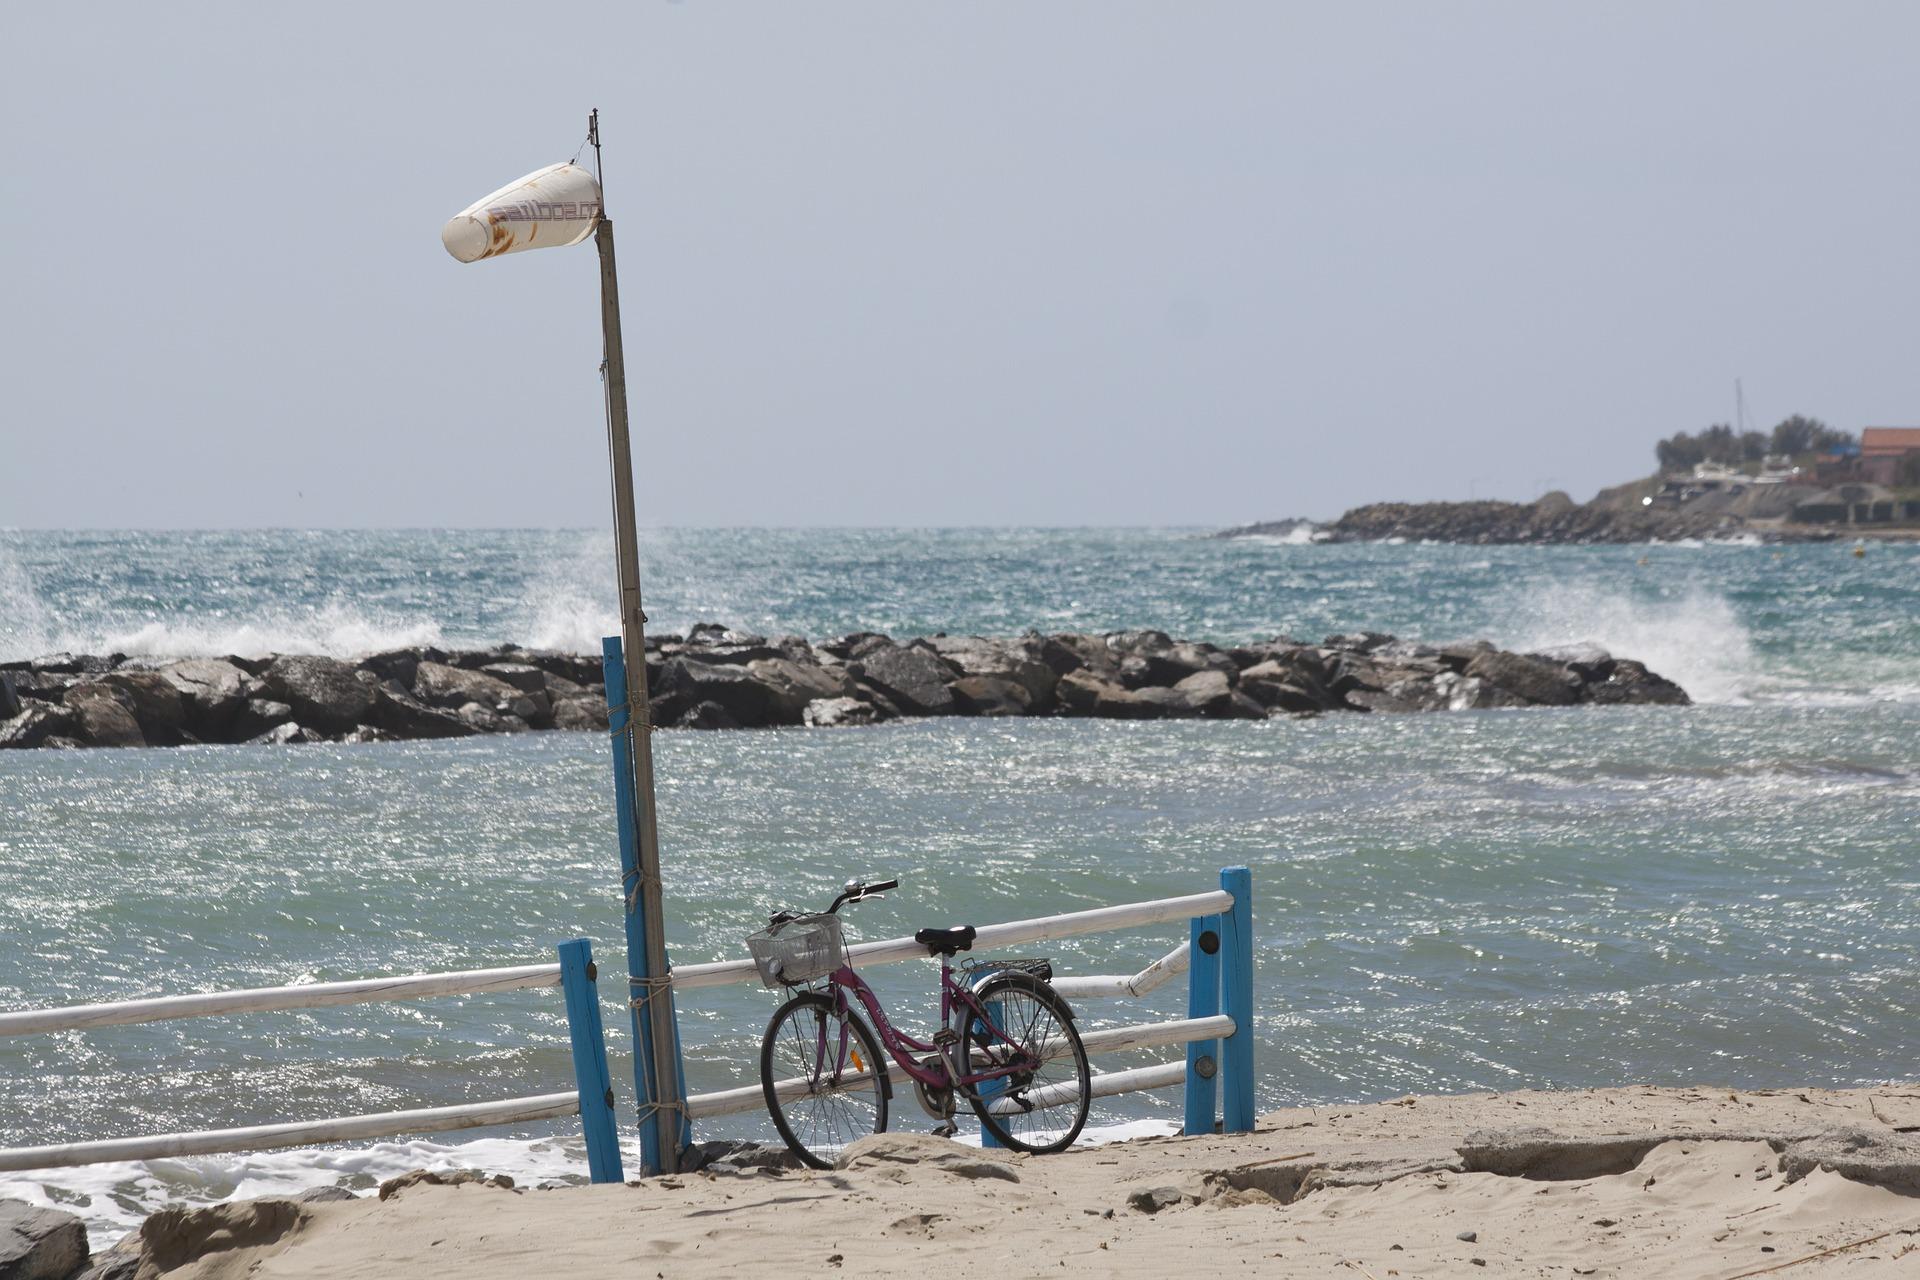 Sea shore photo